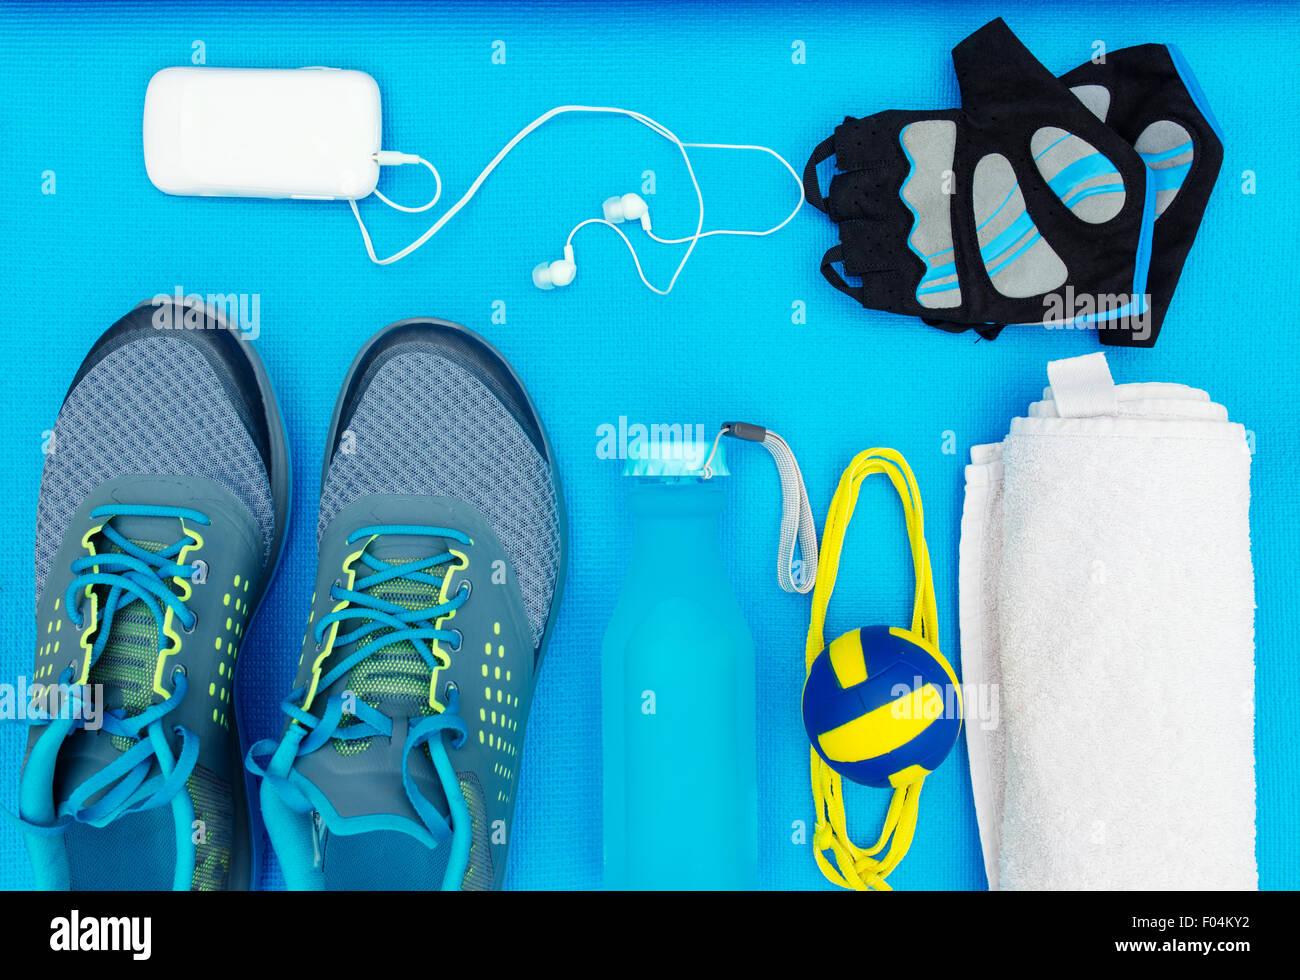 Différents outils et accessoires pour le sport. Concept de remise en forme Photo Stock